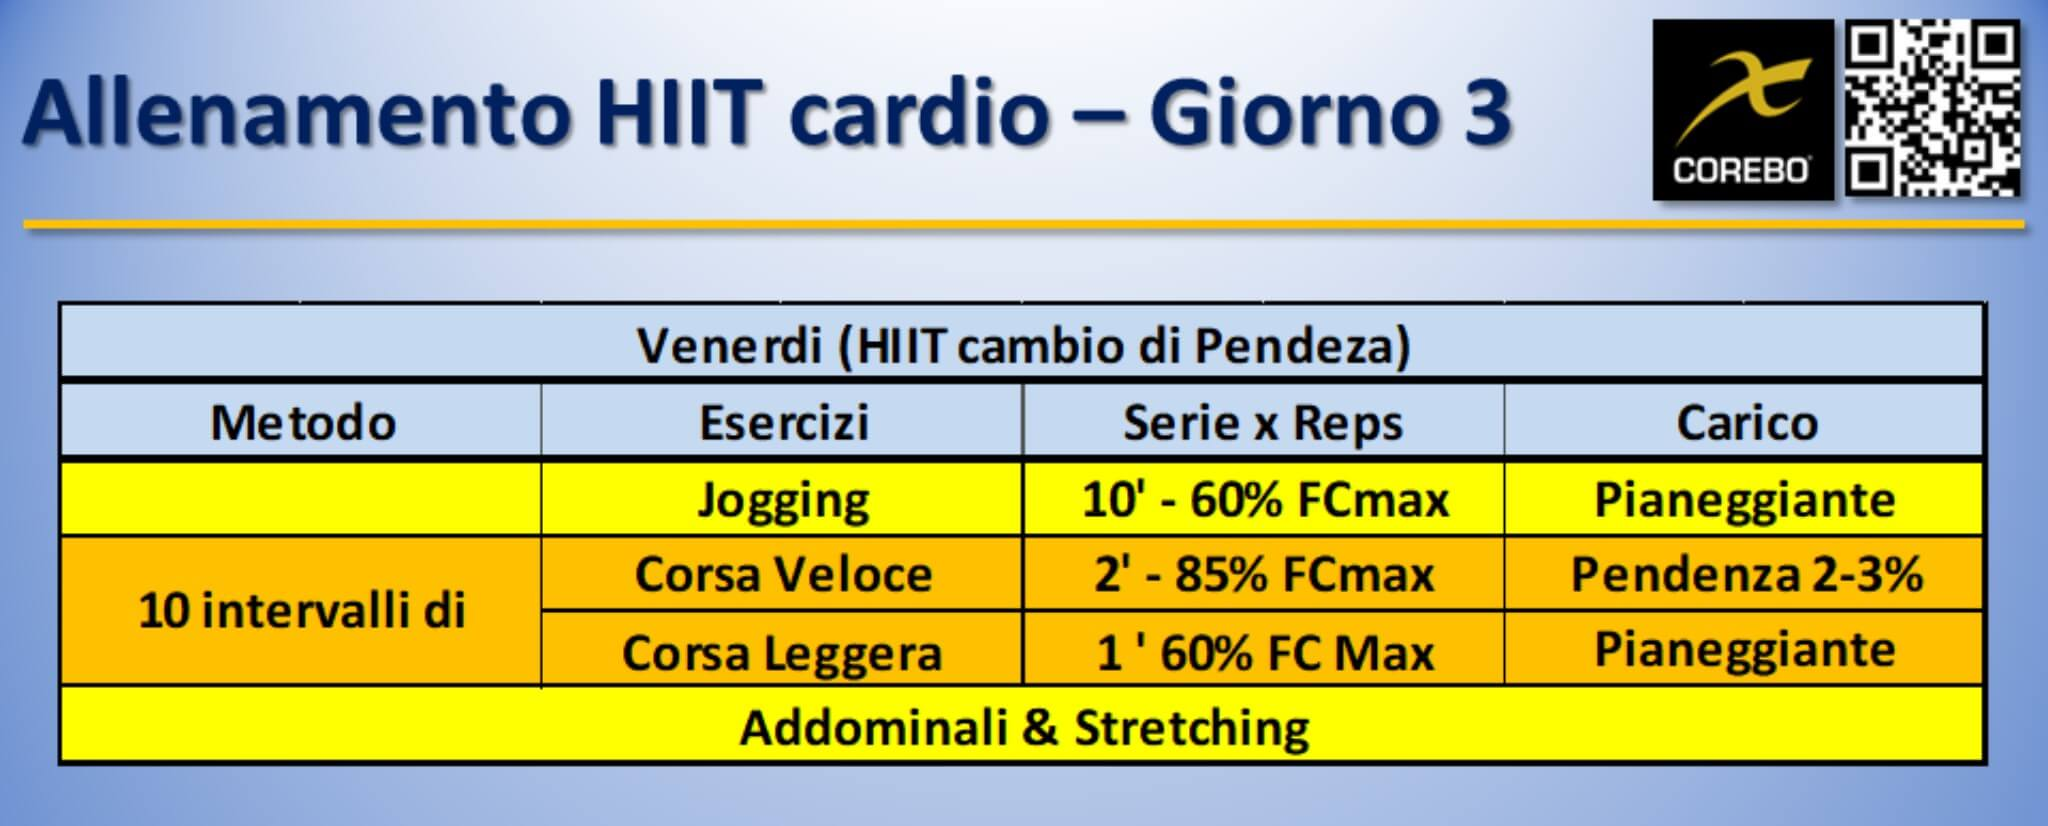 allenamento HIIT cardio